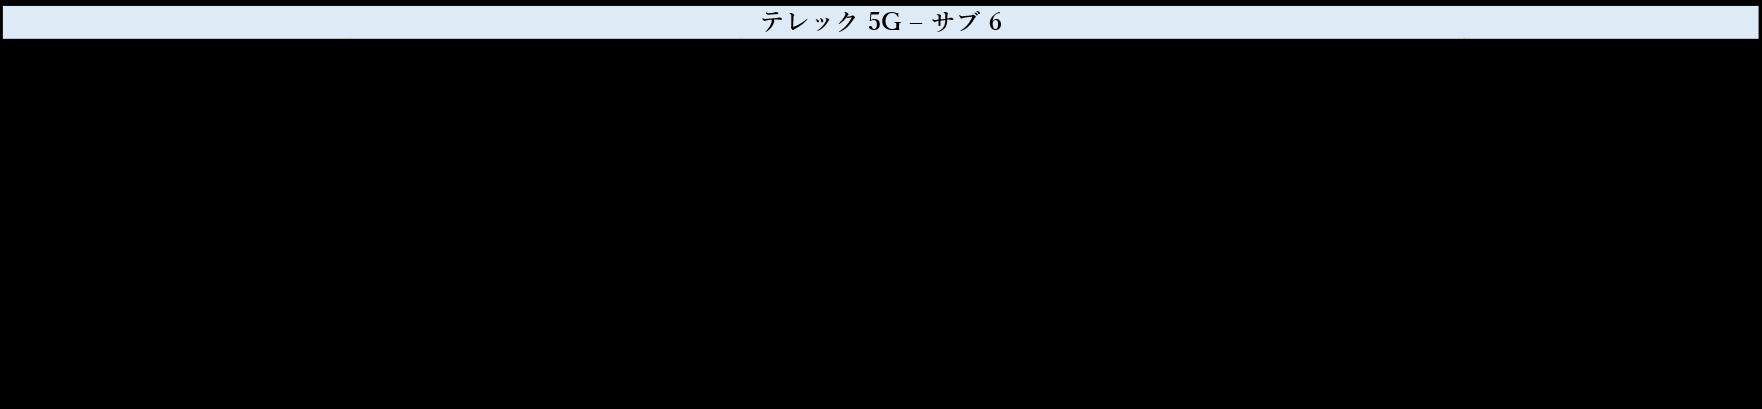 電波法(日本) RF テスト